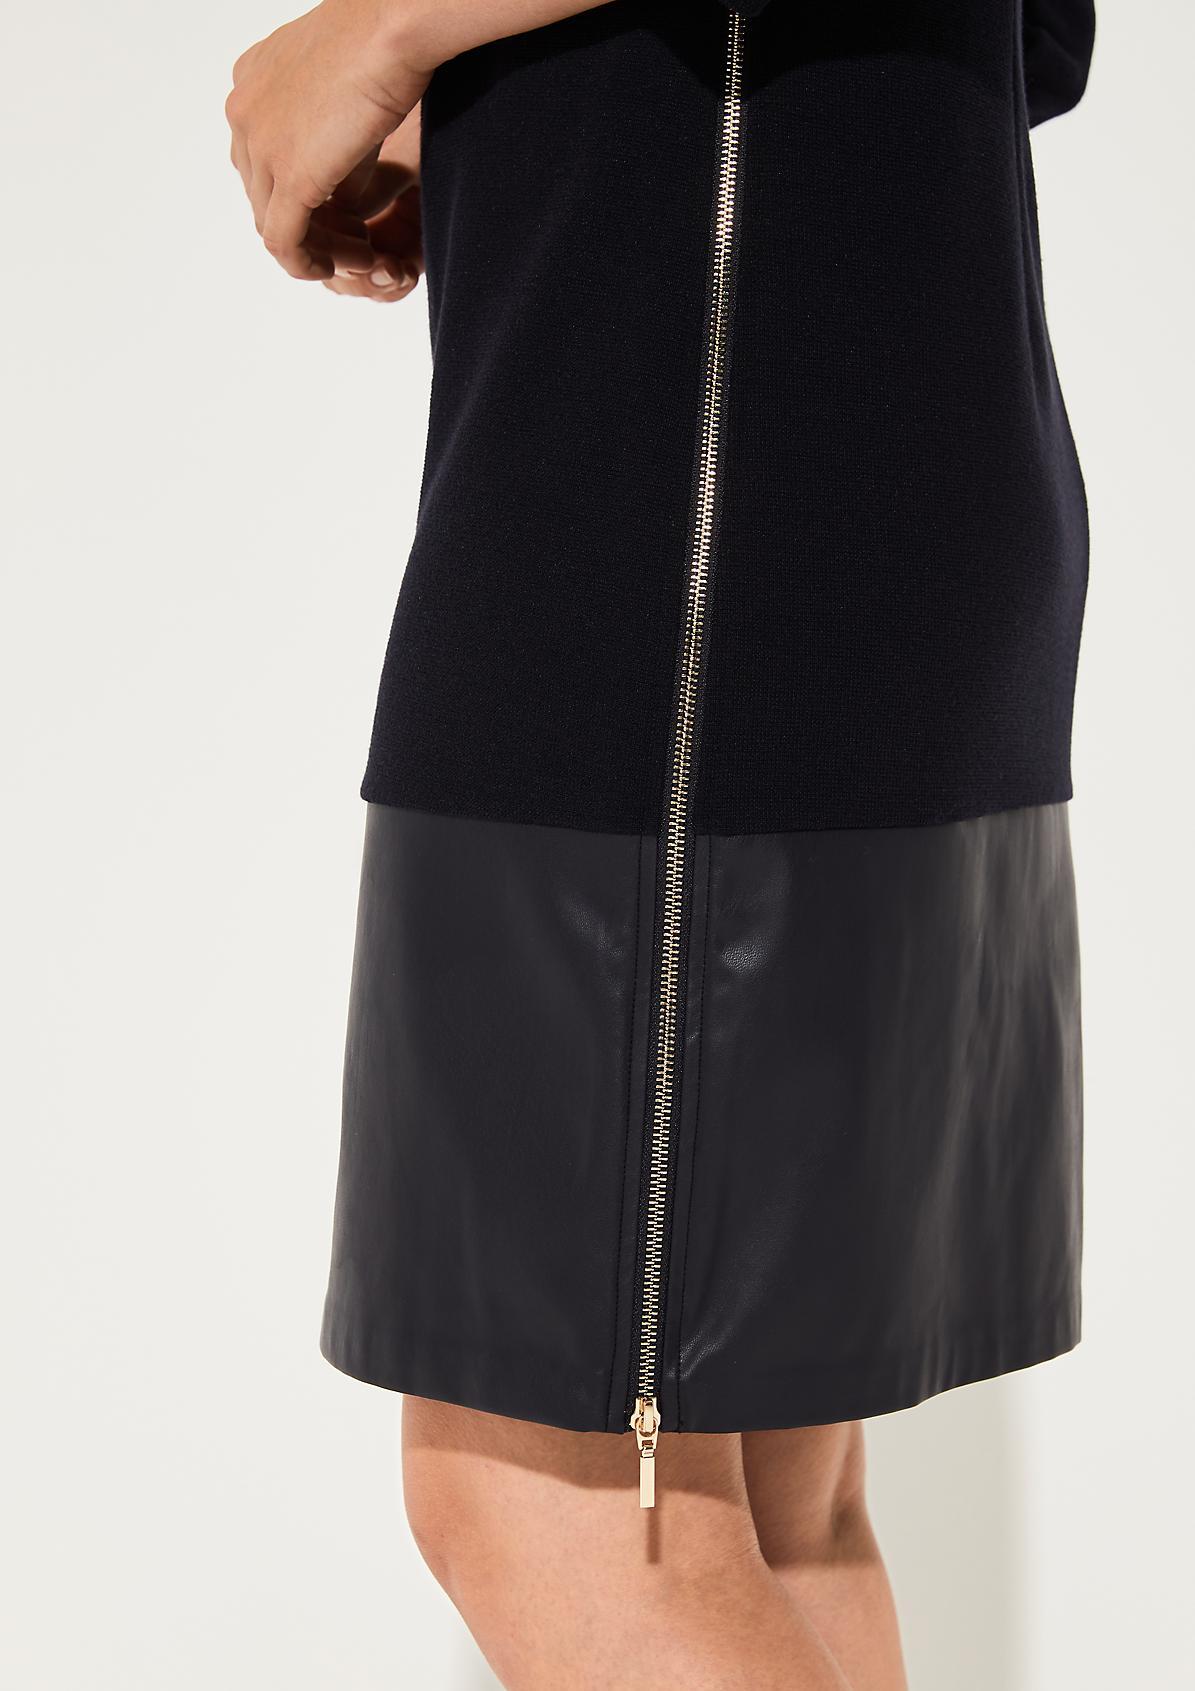 Feinstrickkleid mit breiter Saumblende aus Kunstleder